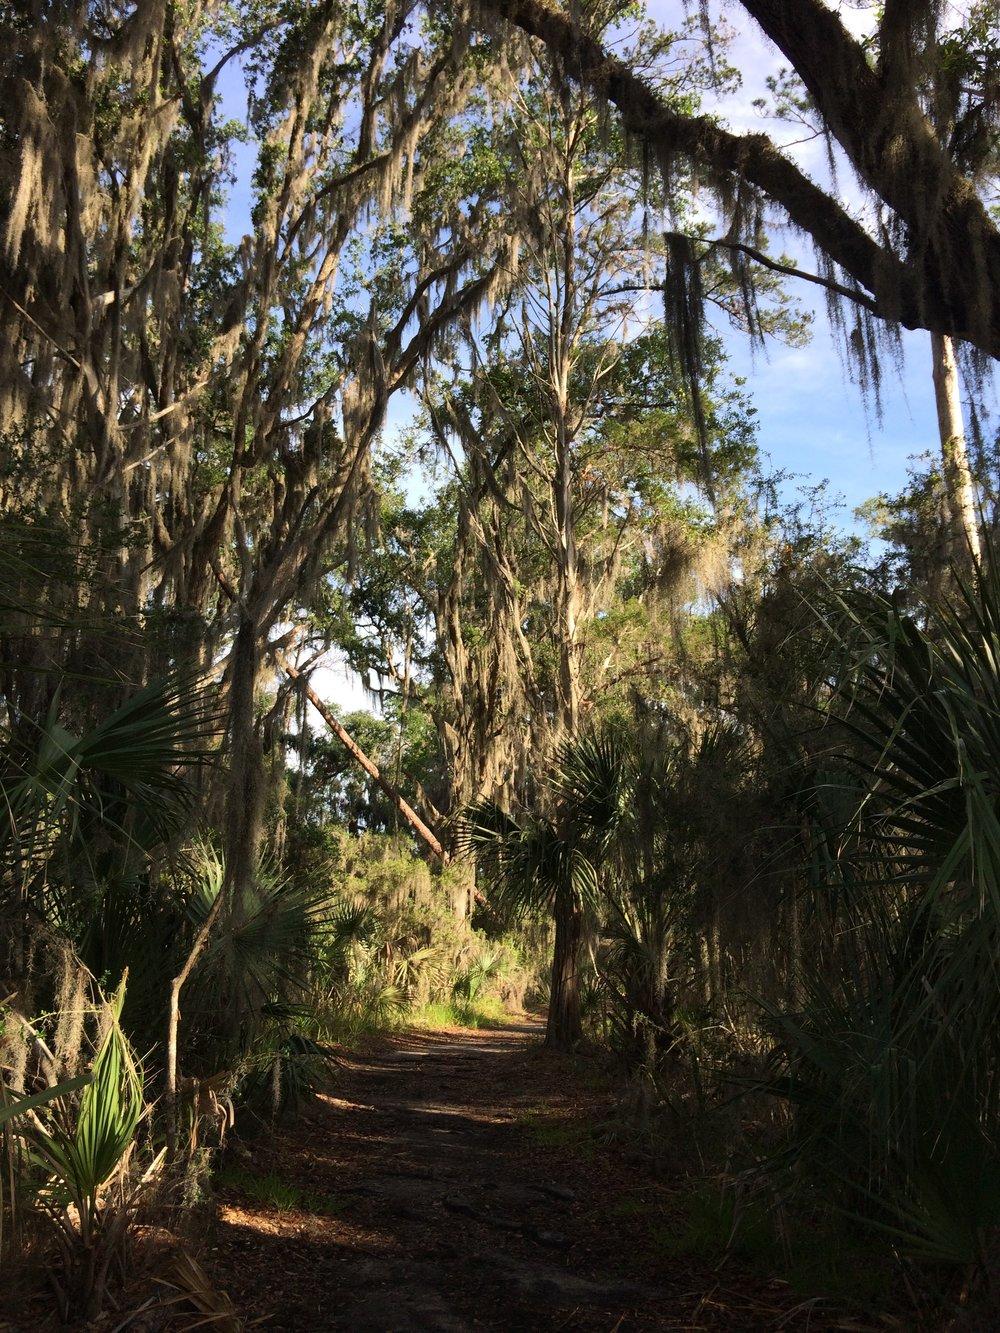 Trail run path